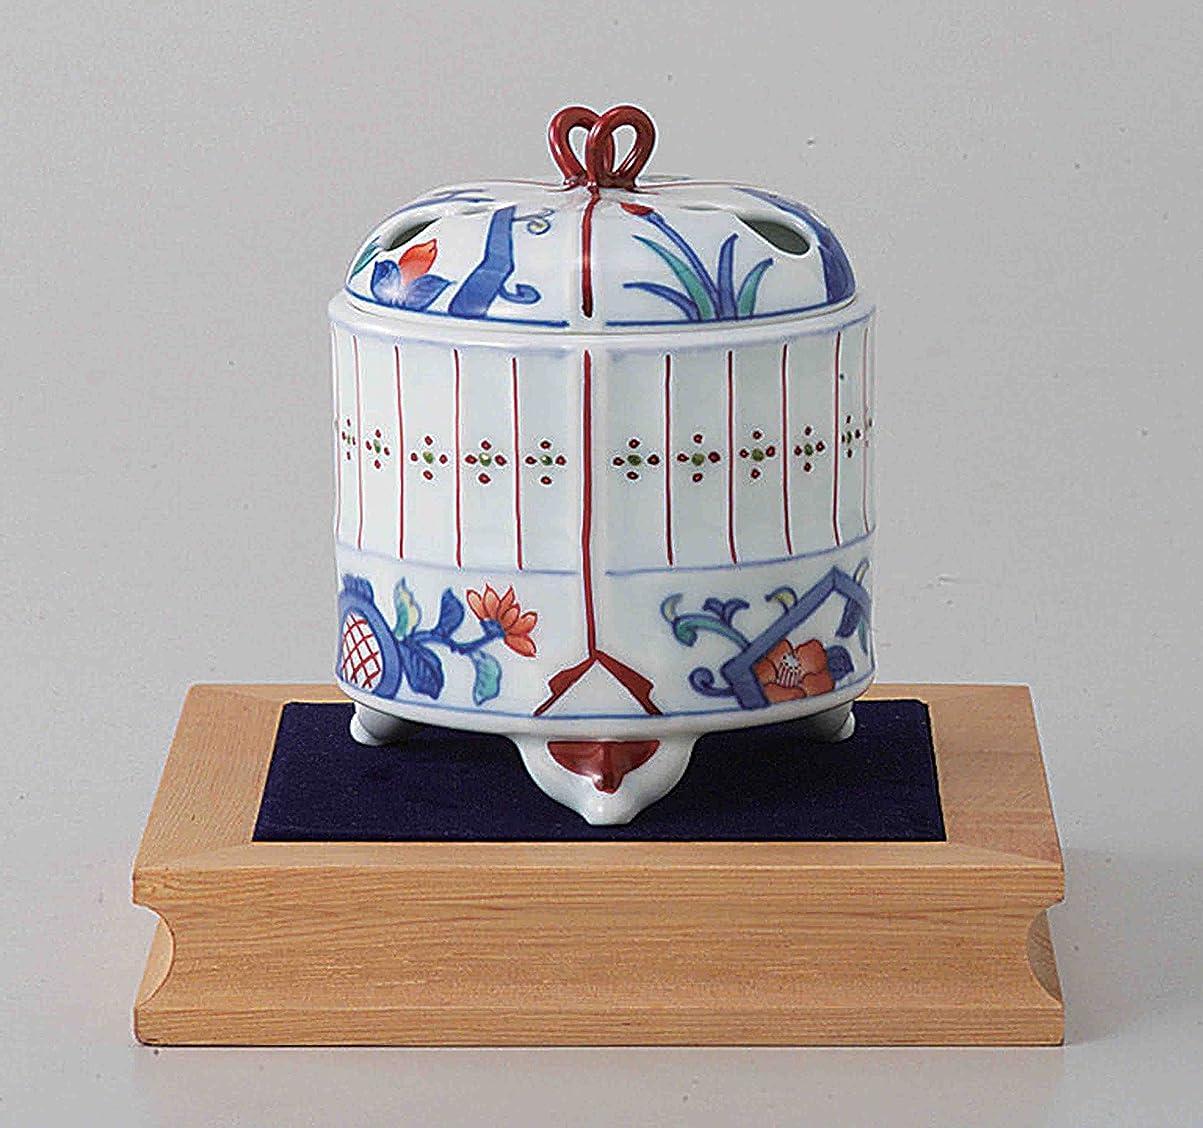 マングル迷路スチュワーデス東京抹茶Selection?–?[プレミアム] Arita Porcelain Cencer : Insectケージ?–?Incense BurnerホルダーWベース&ボックス日本から[ EMSで発送標準: withトラッキング&保険]